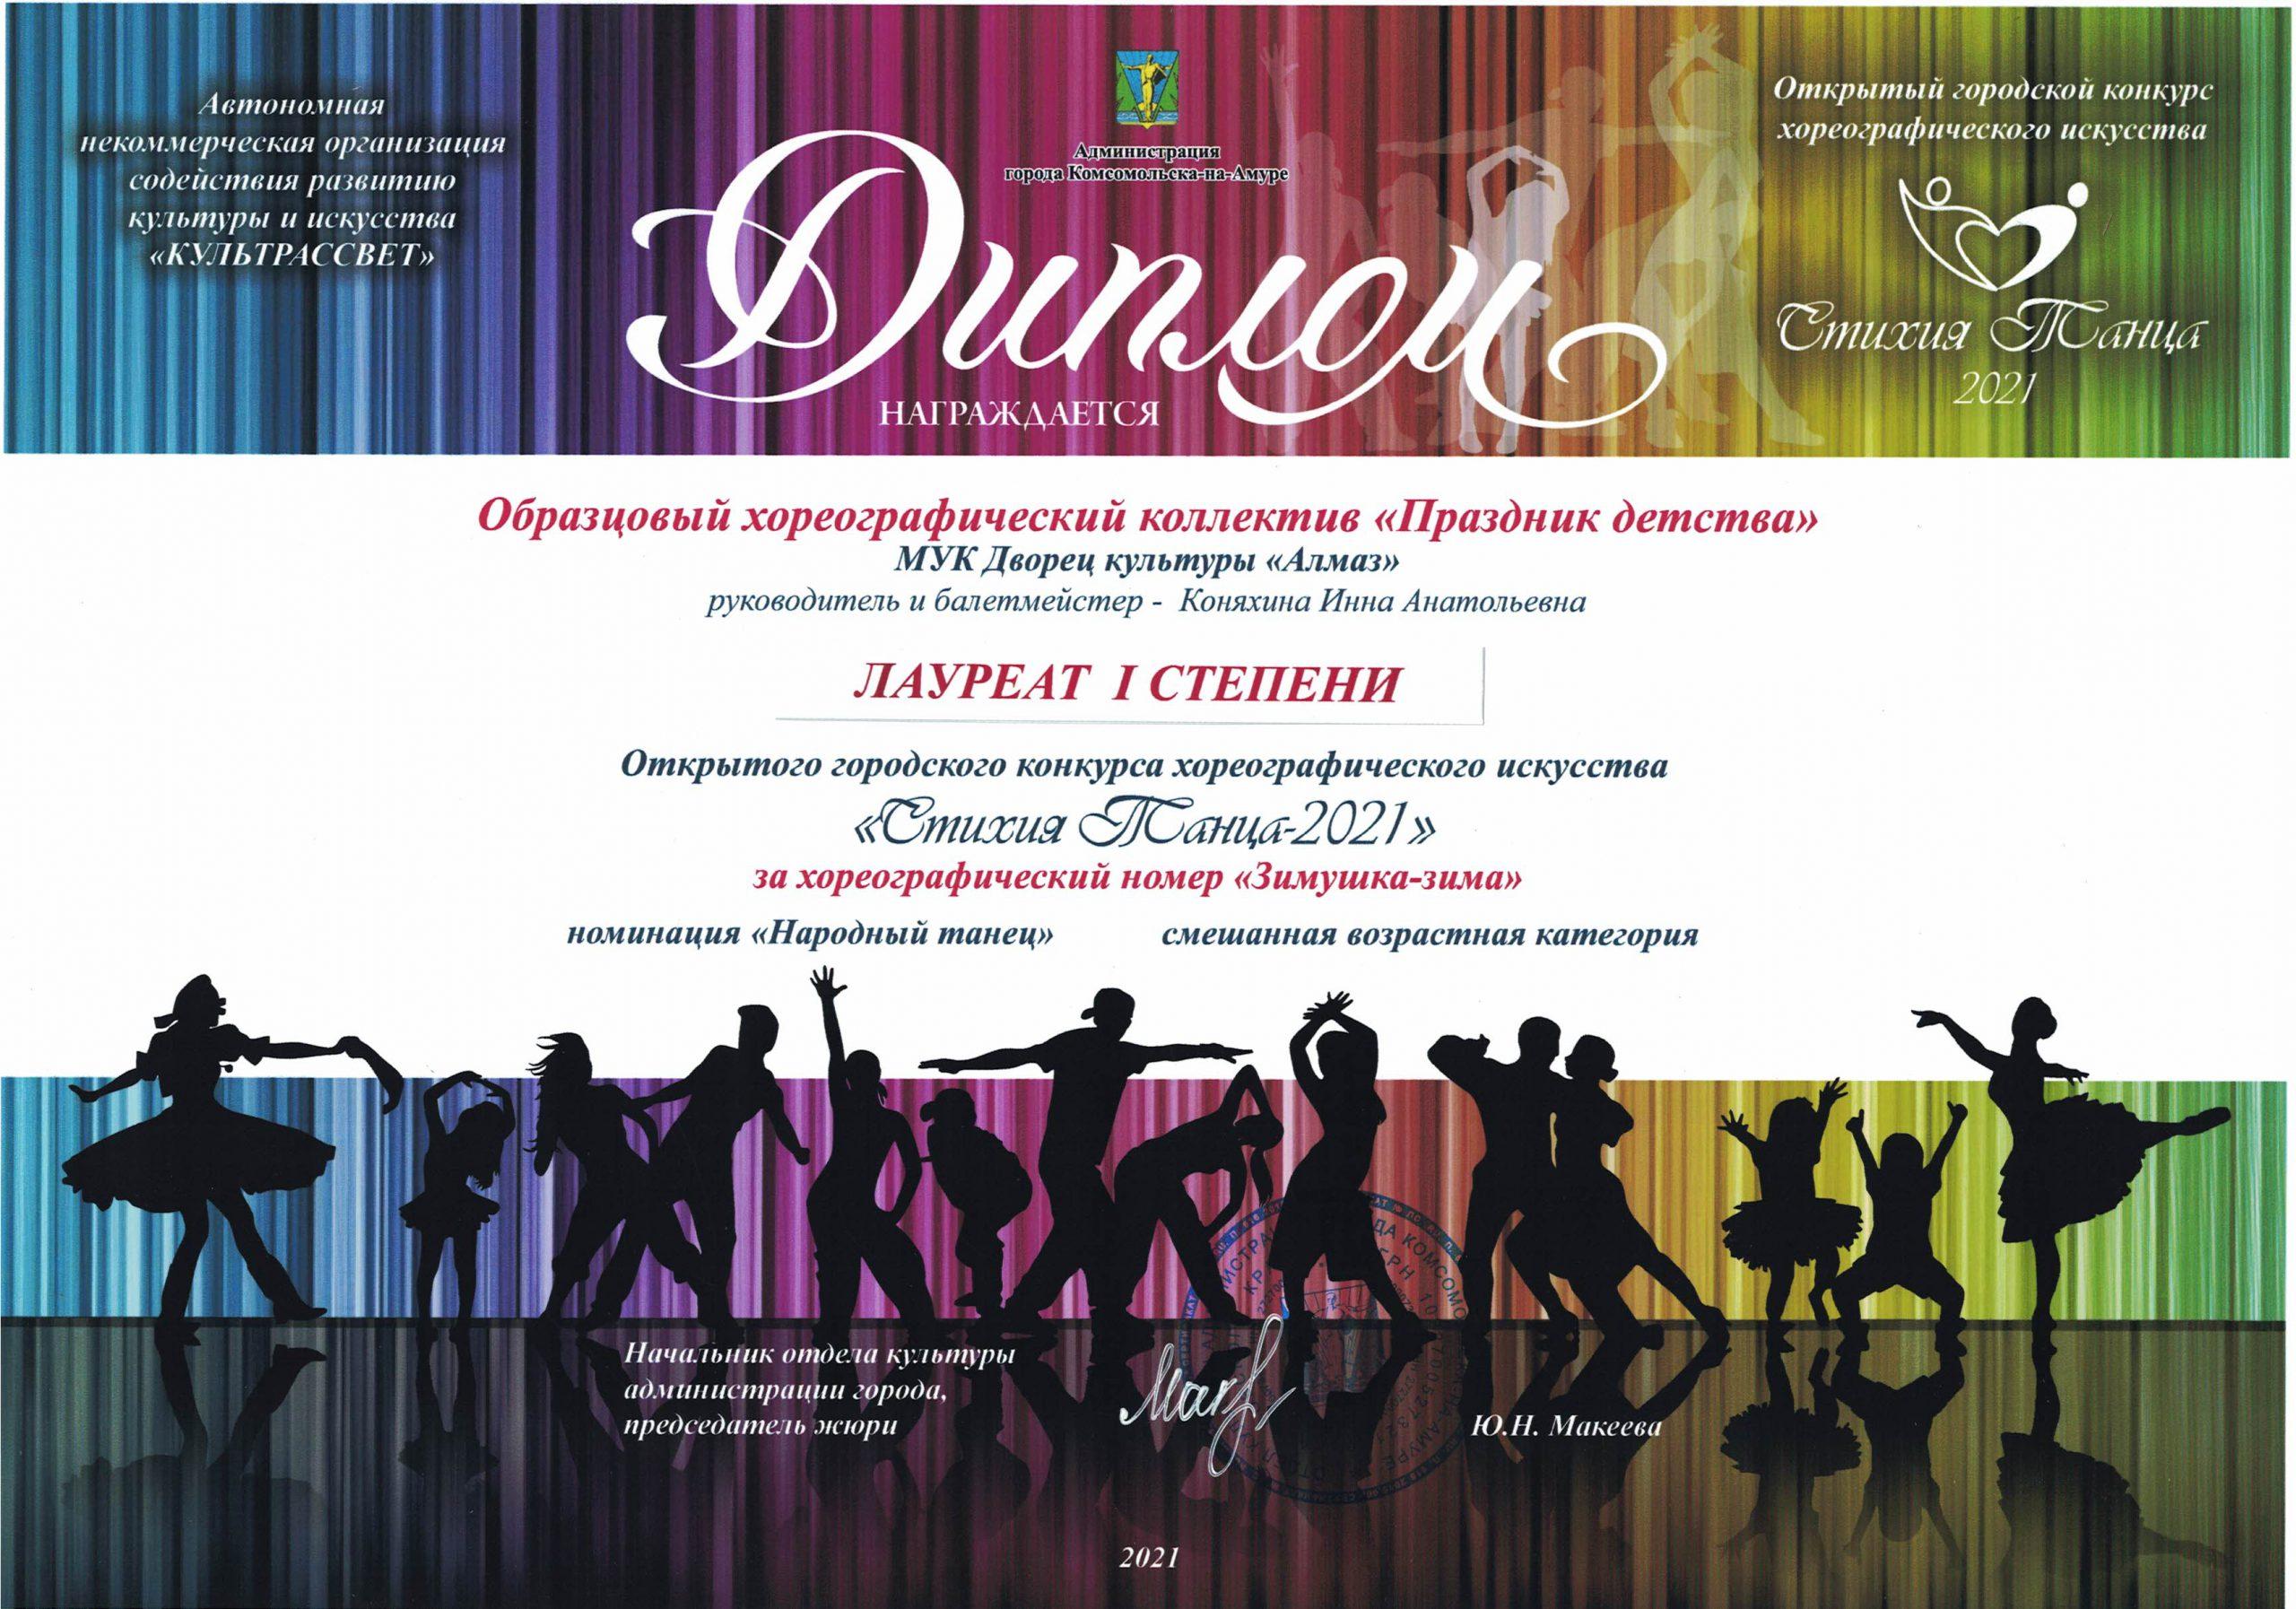 праздник детства 1 место стихия танца 2021 г.